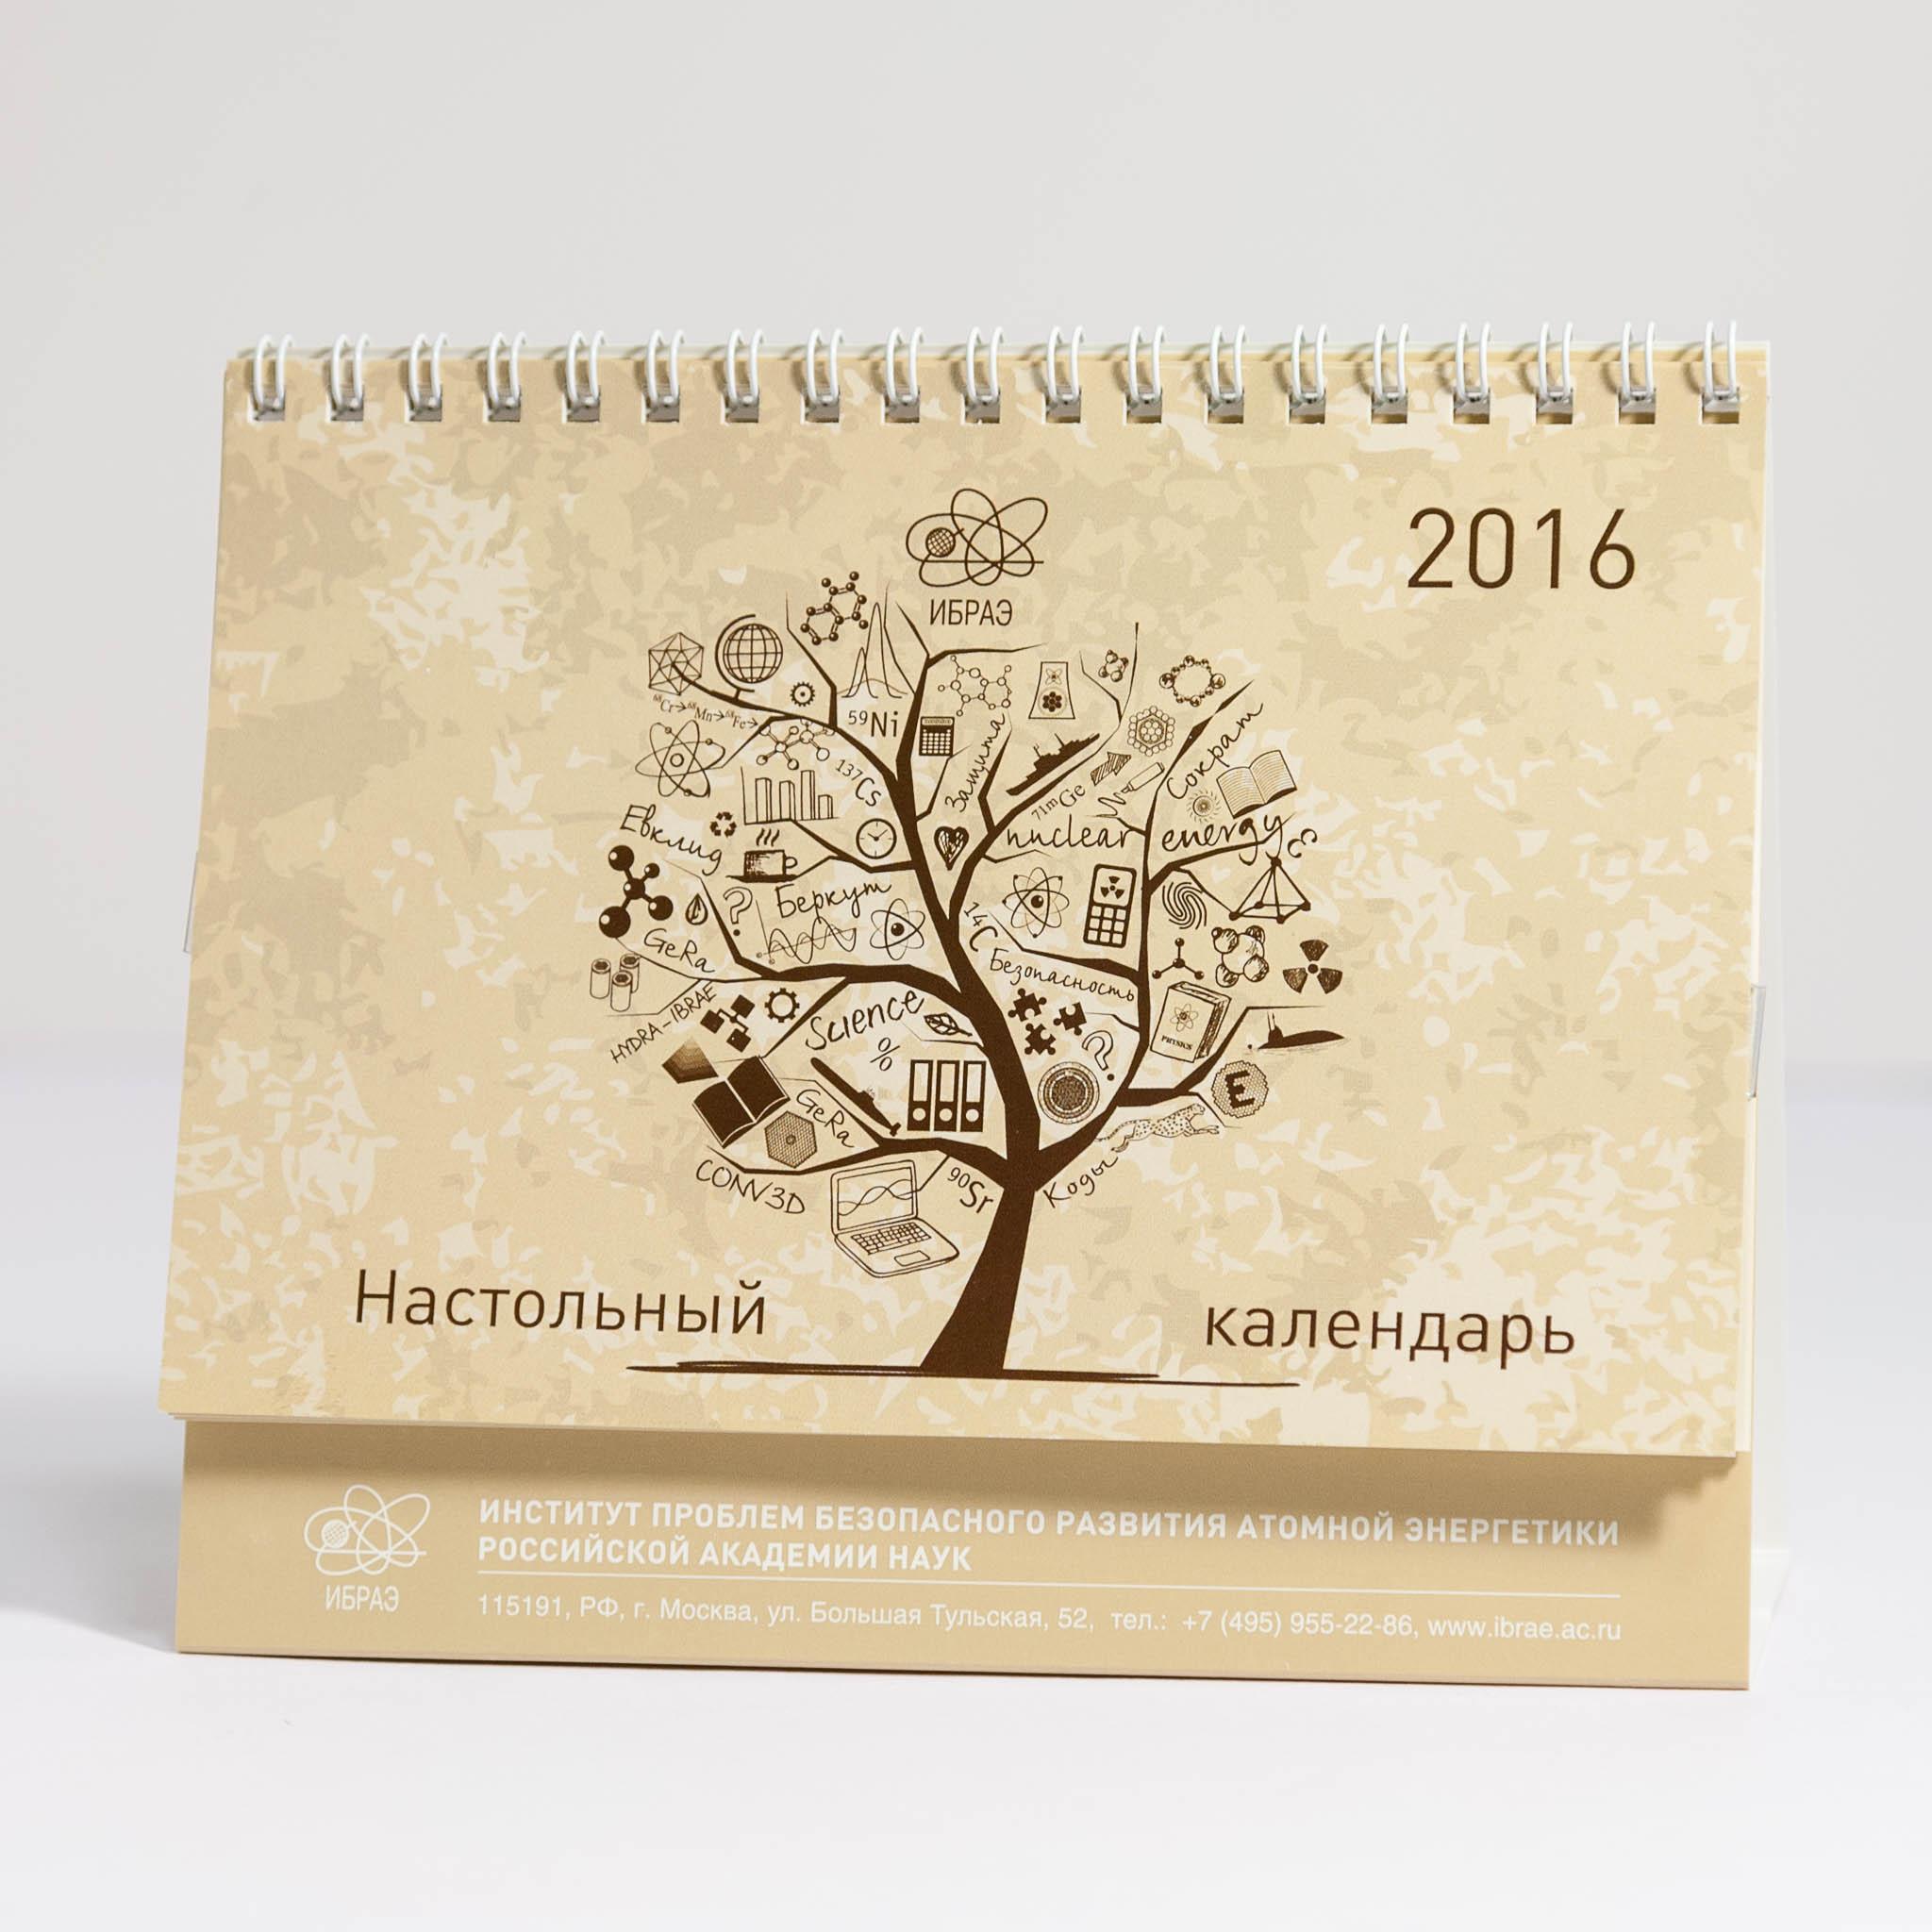 Печать на календарной подставке информации о компании